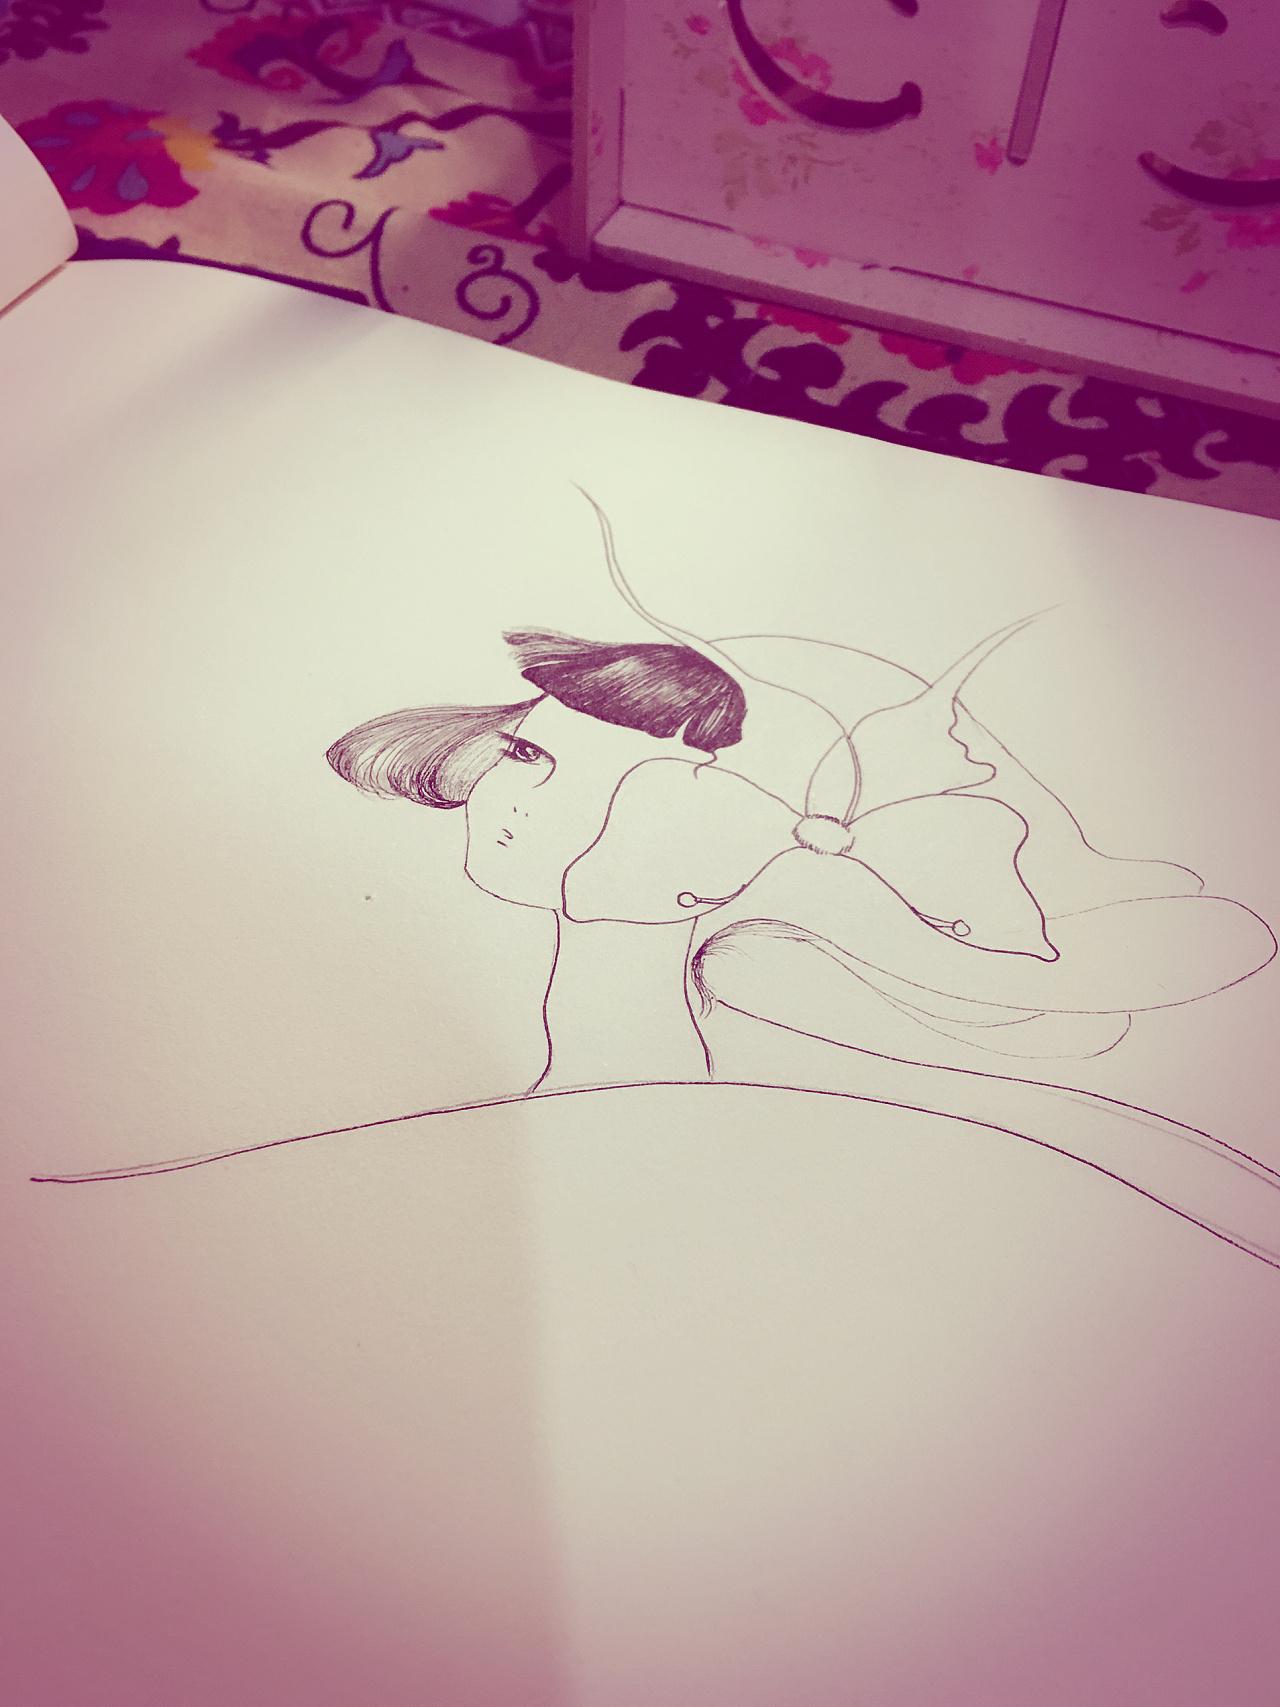 插画女,装饰画,黑白手绘线描,黑白装饰画